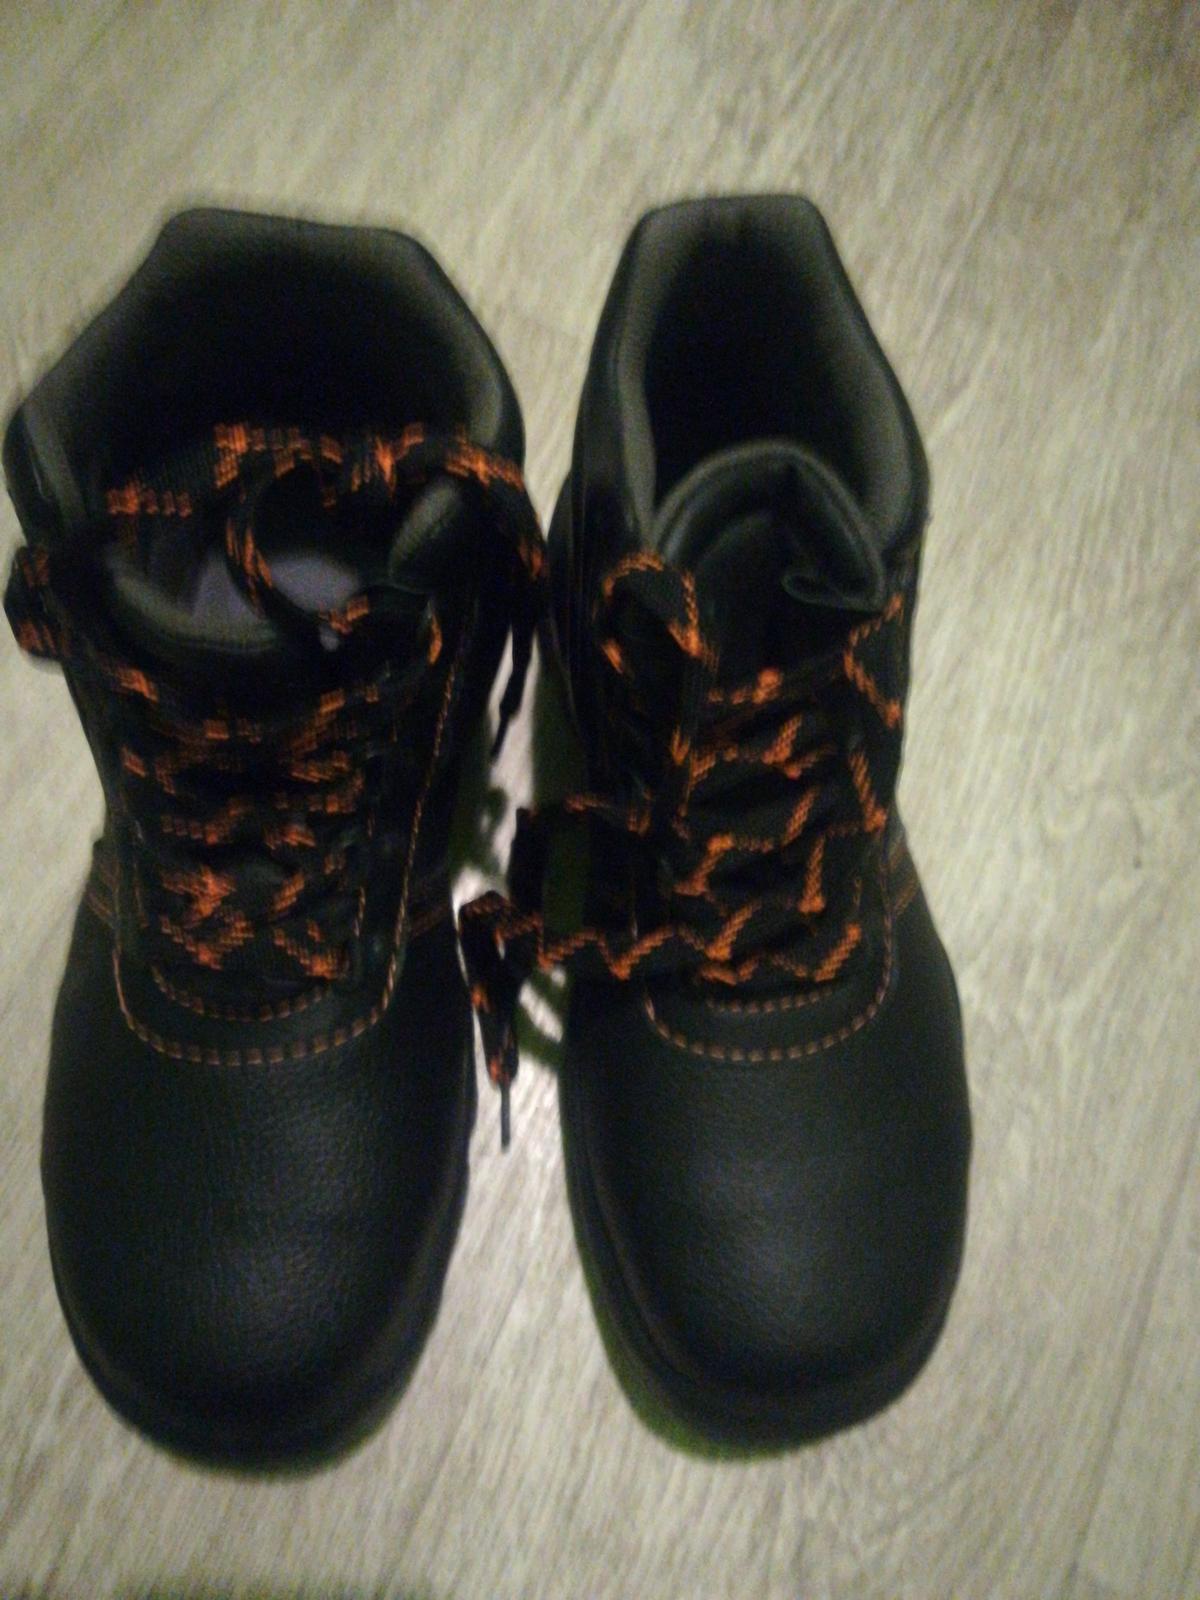 Pracovná obuv veľkosť 41 - Obrázok č. 1